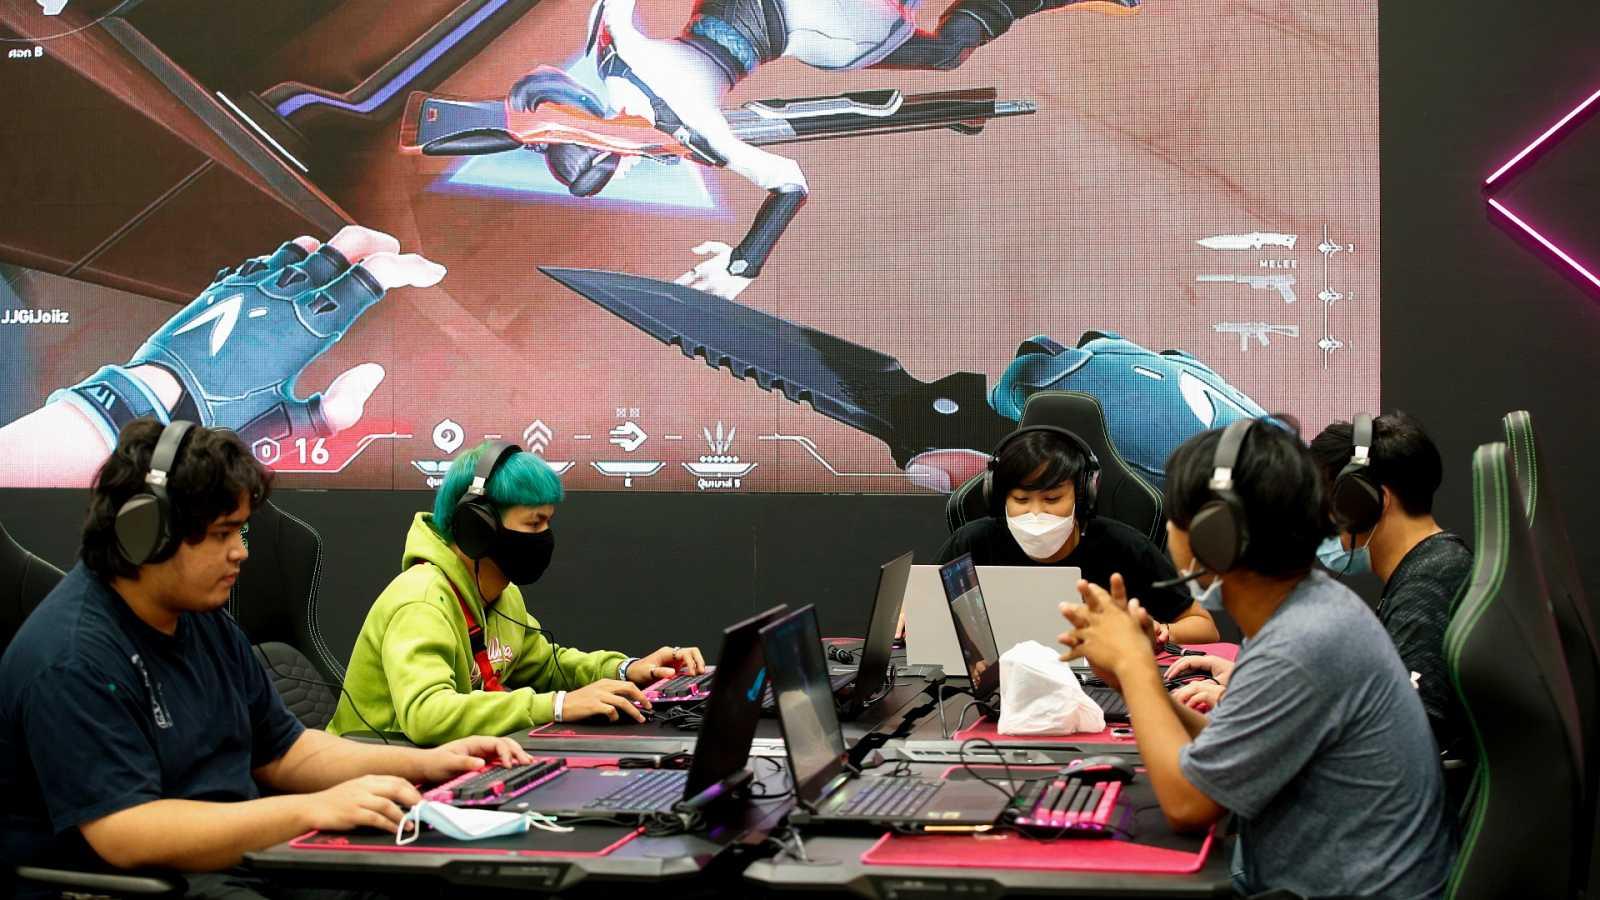 Los videojuegos con sistemas de apuestas pueden suponer una entrada a la adicción al juego